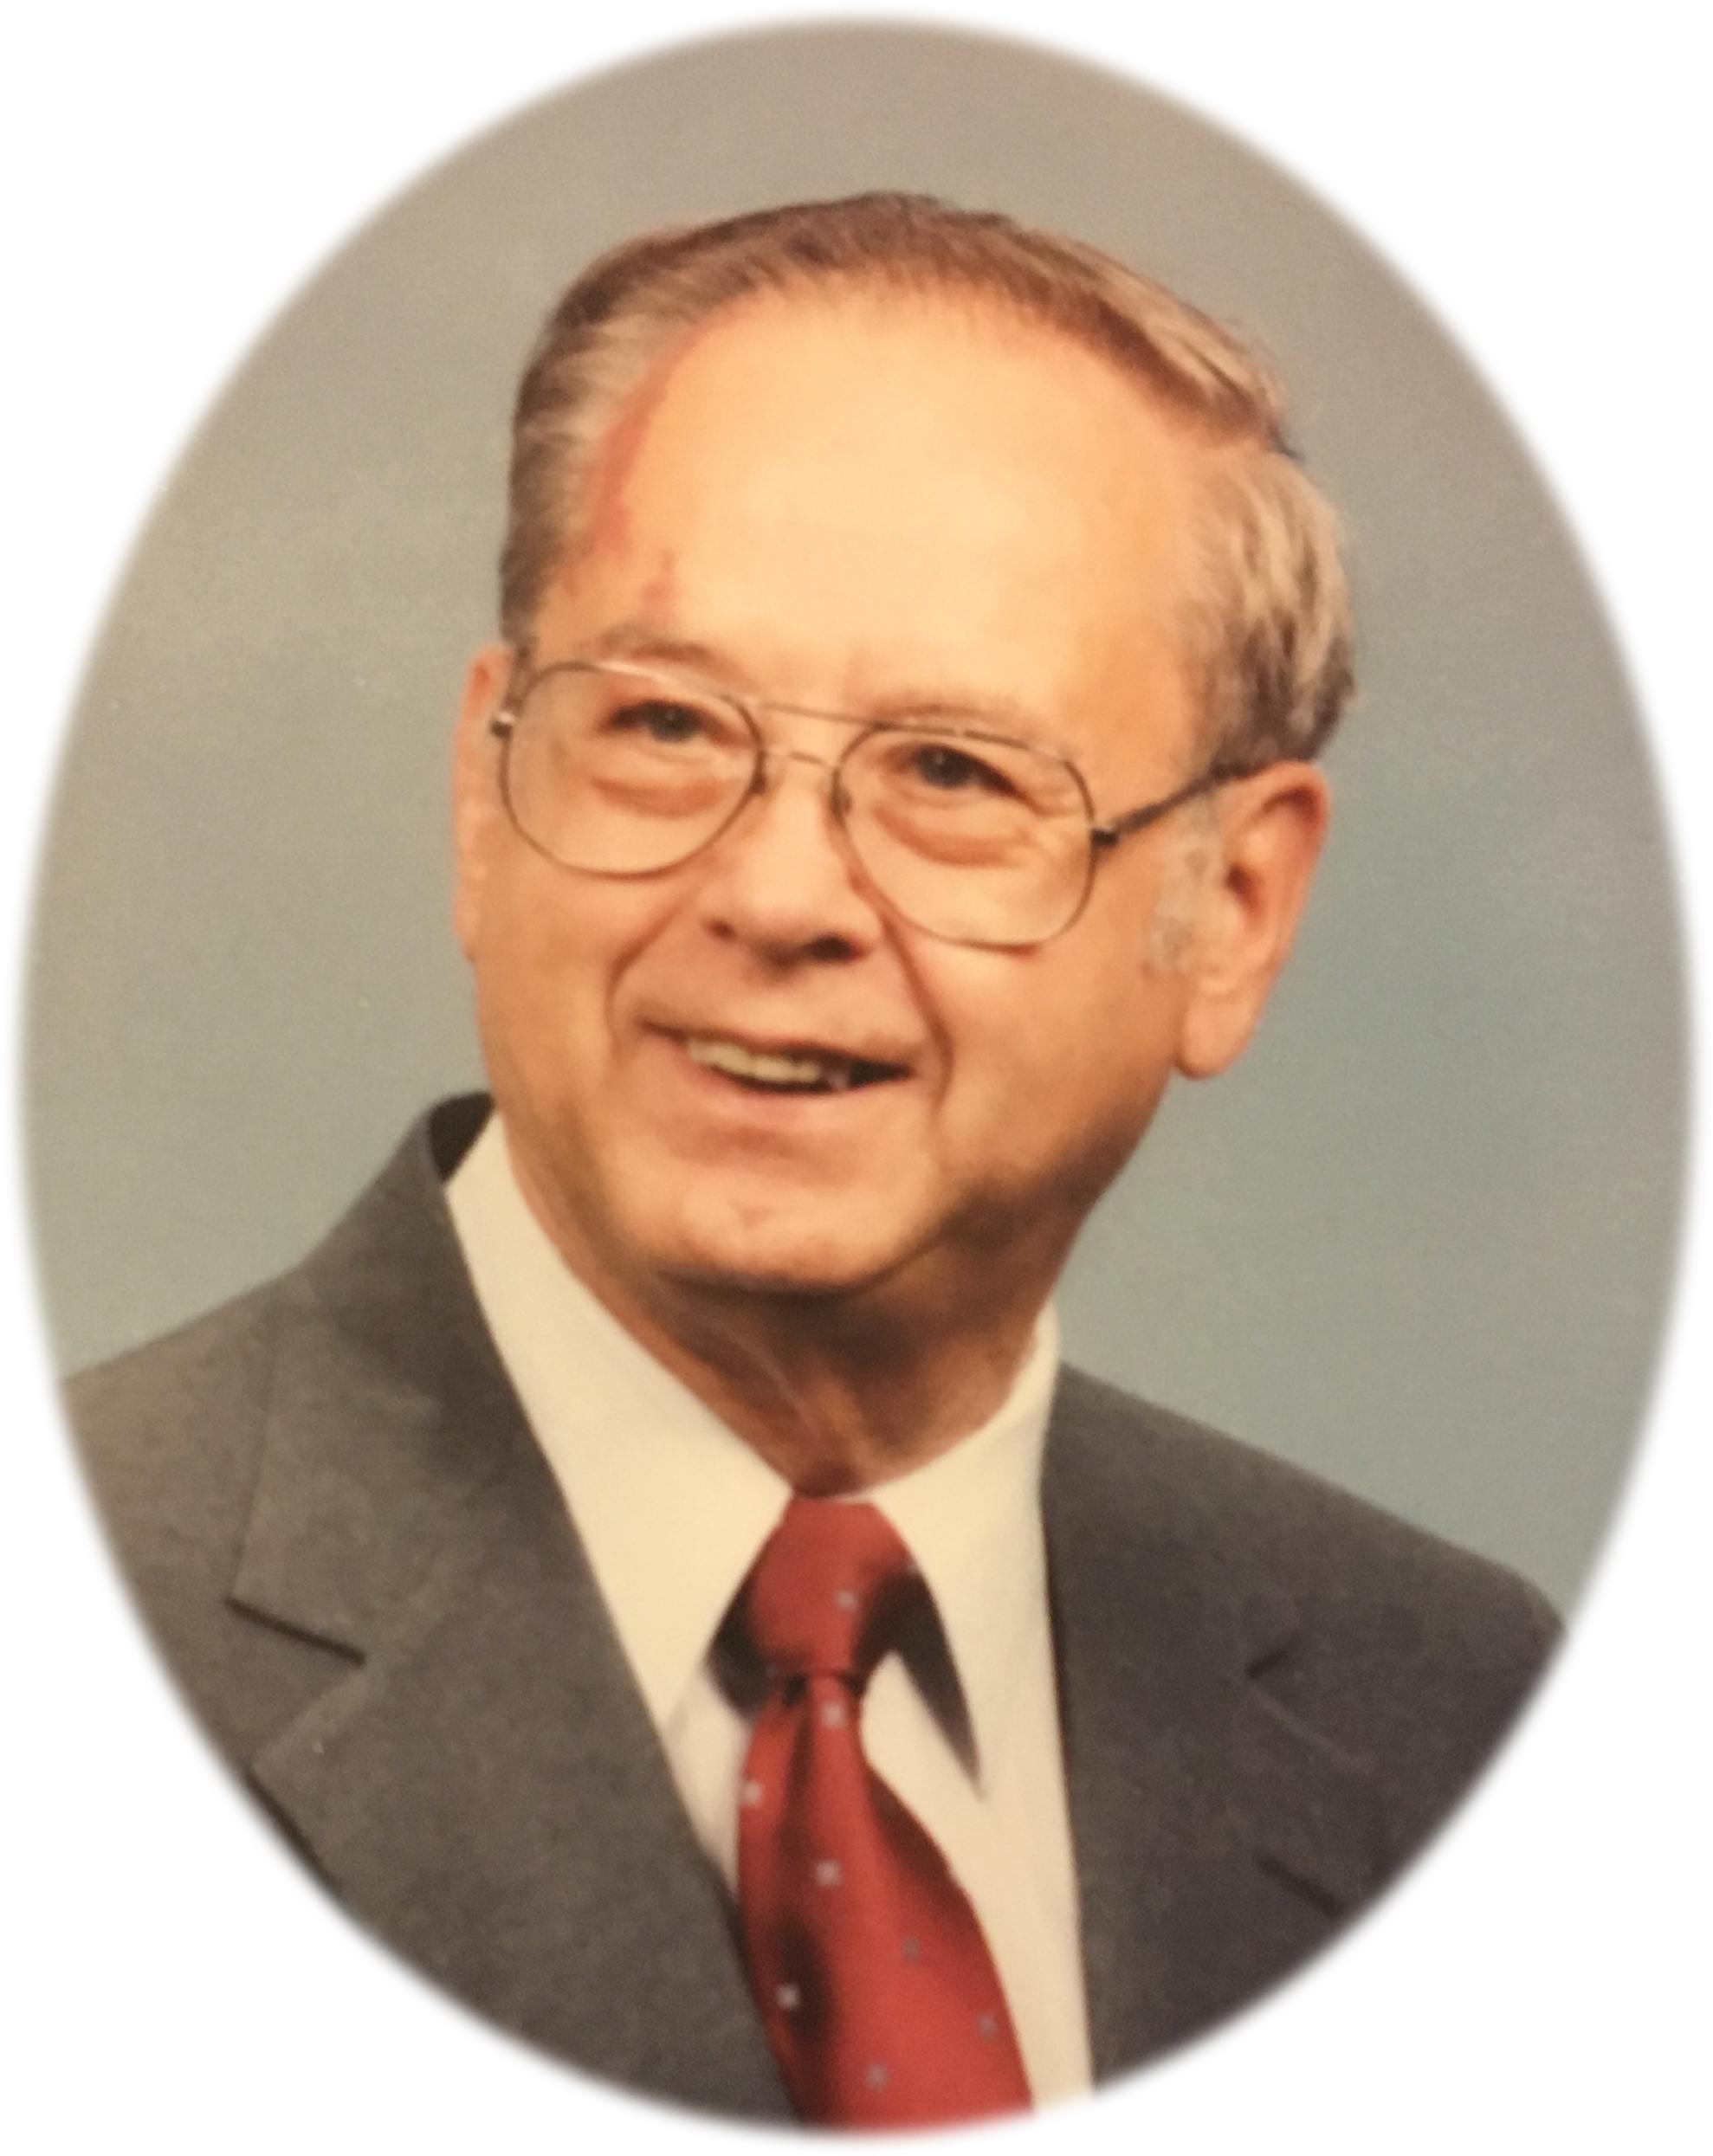 Rev. Edward C. Fish